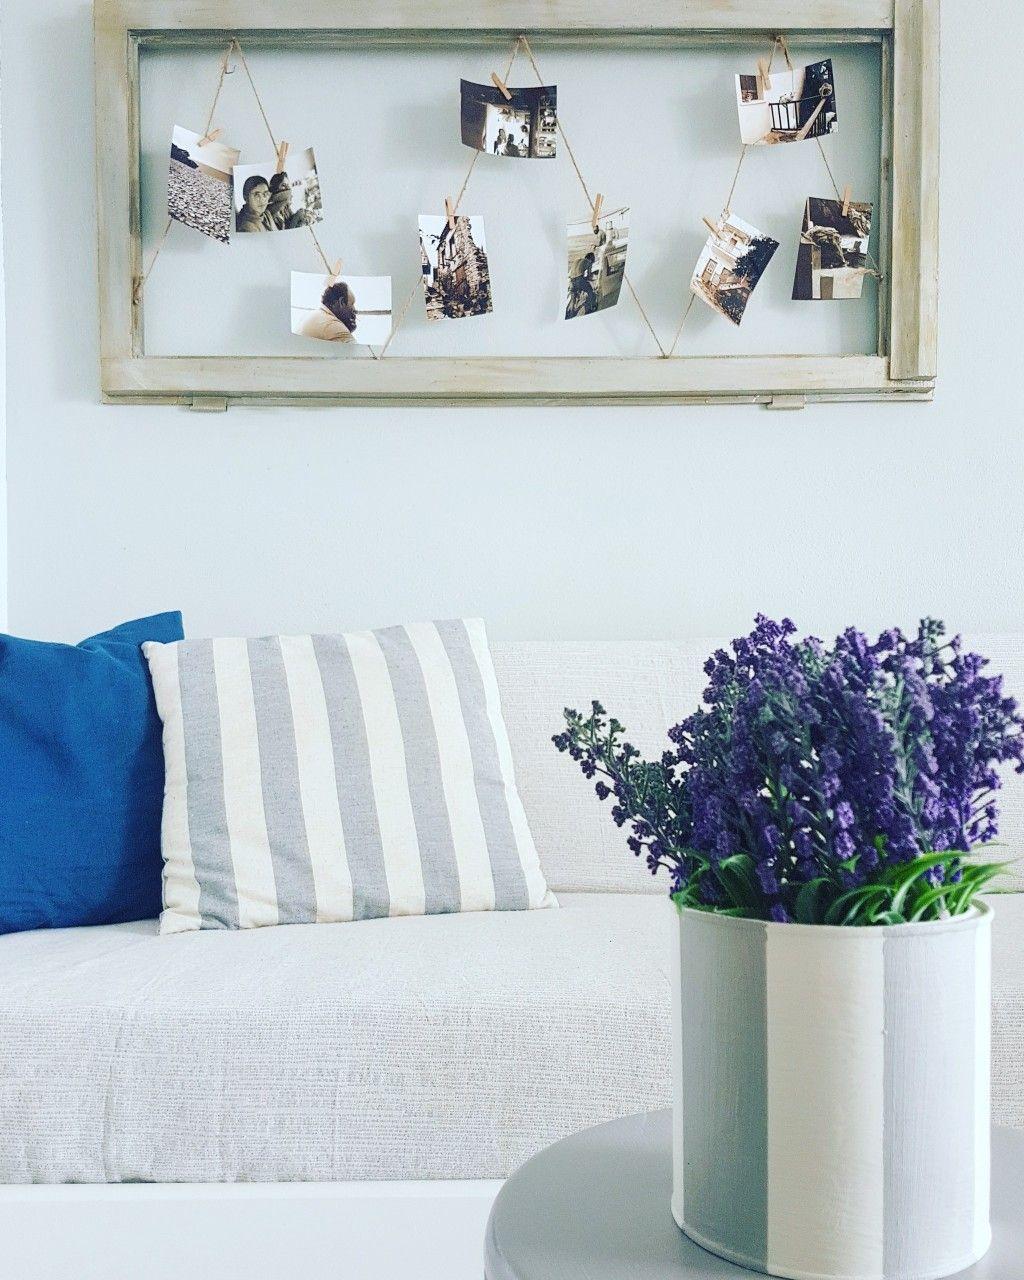 Like a ZEBRA 😜 Brand new photos 📸 www.angelosalonissos.com #angelos_apartments #alonissos #sporades #greece #summer #handmade #decoration